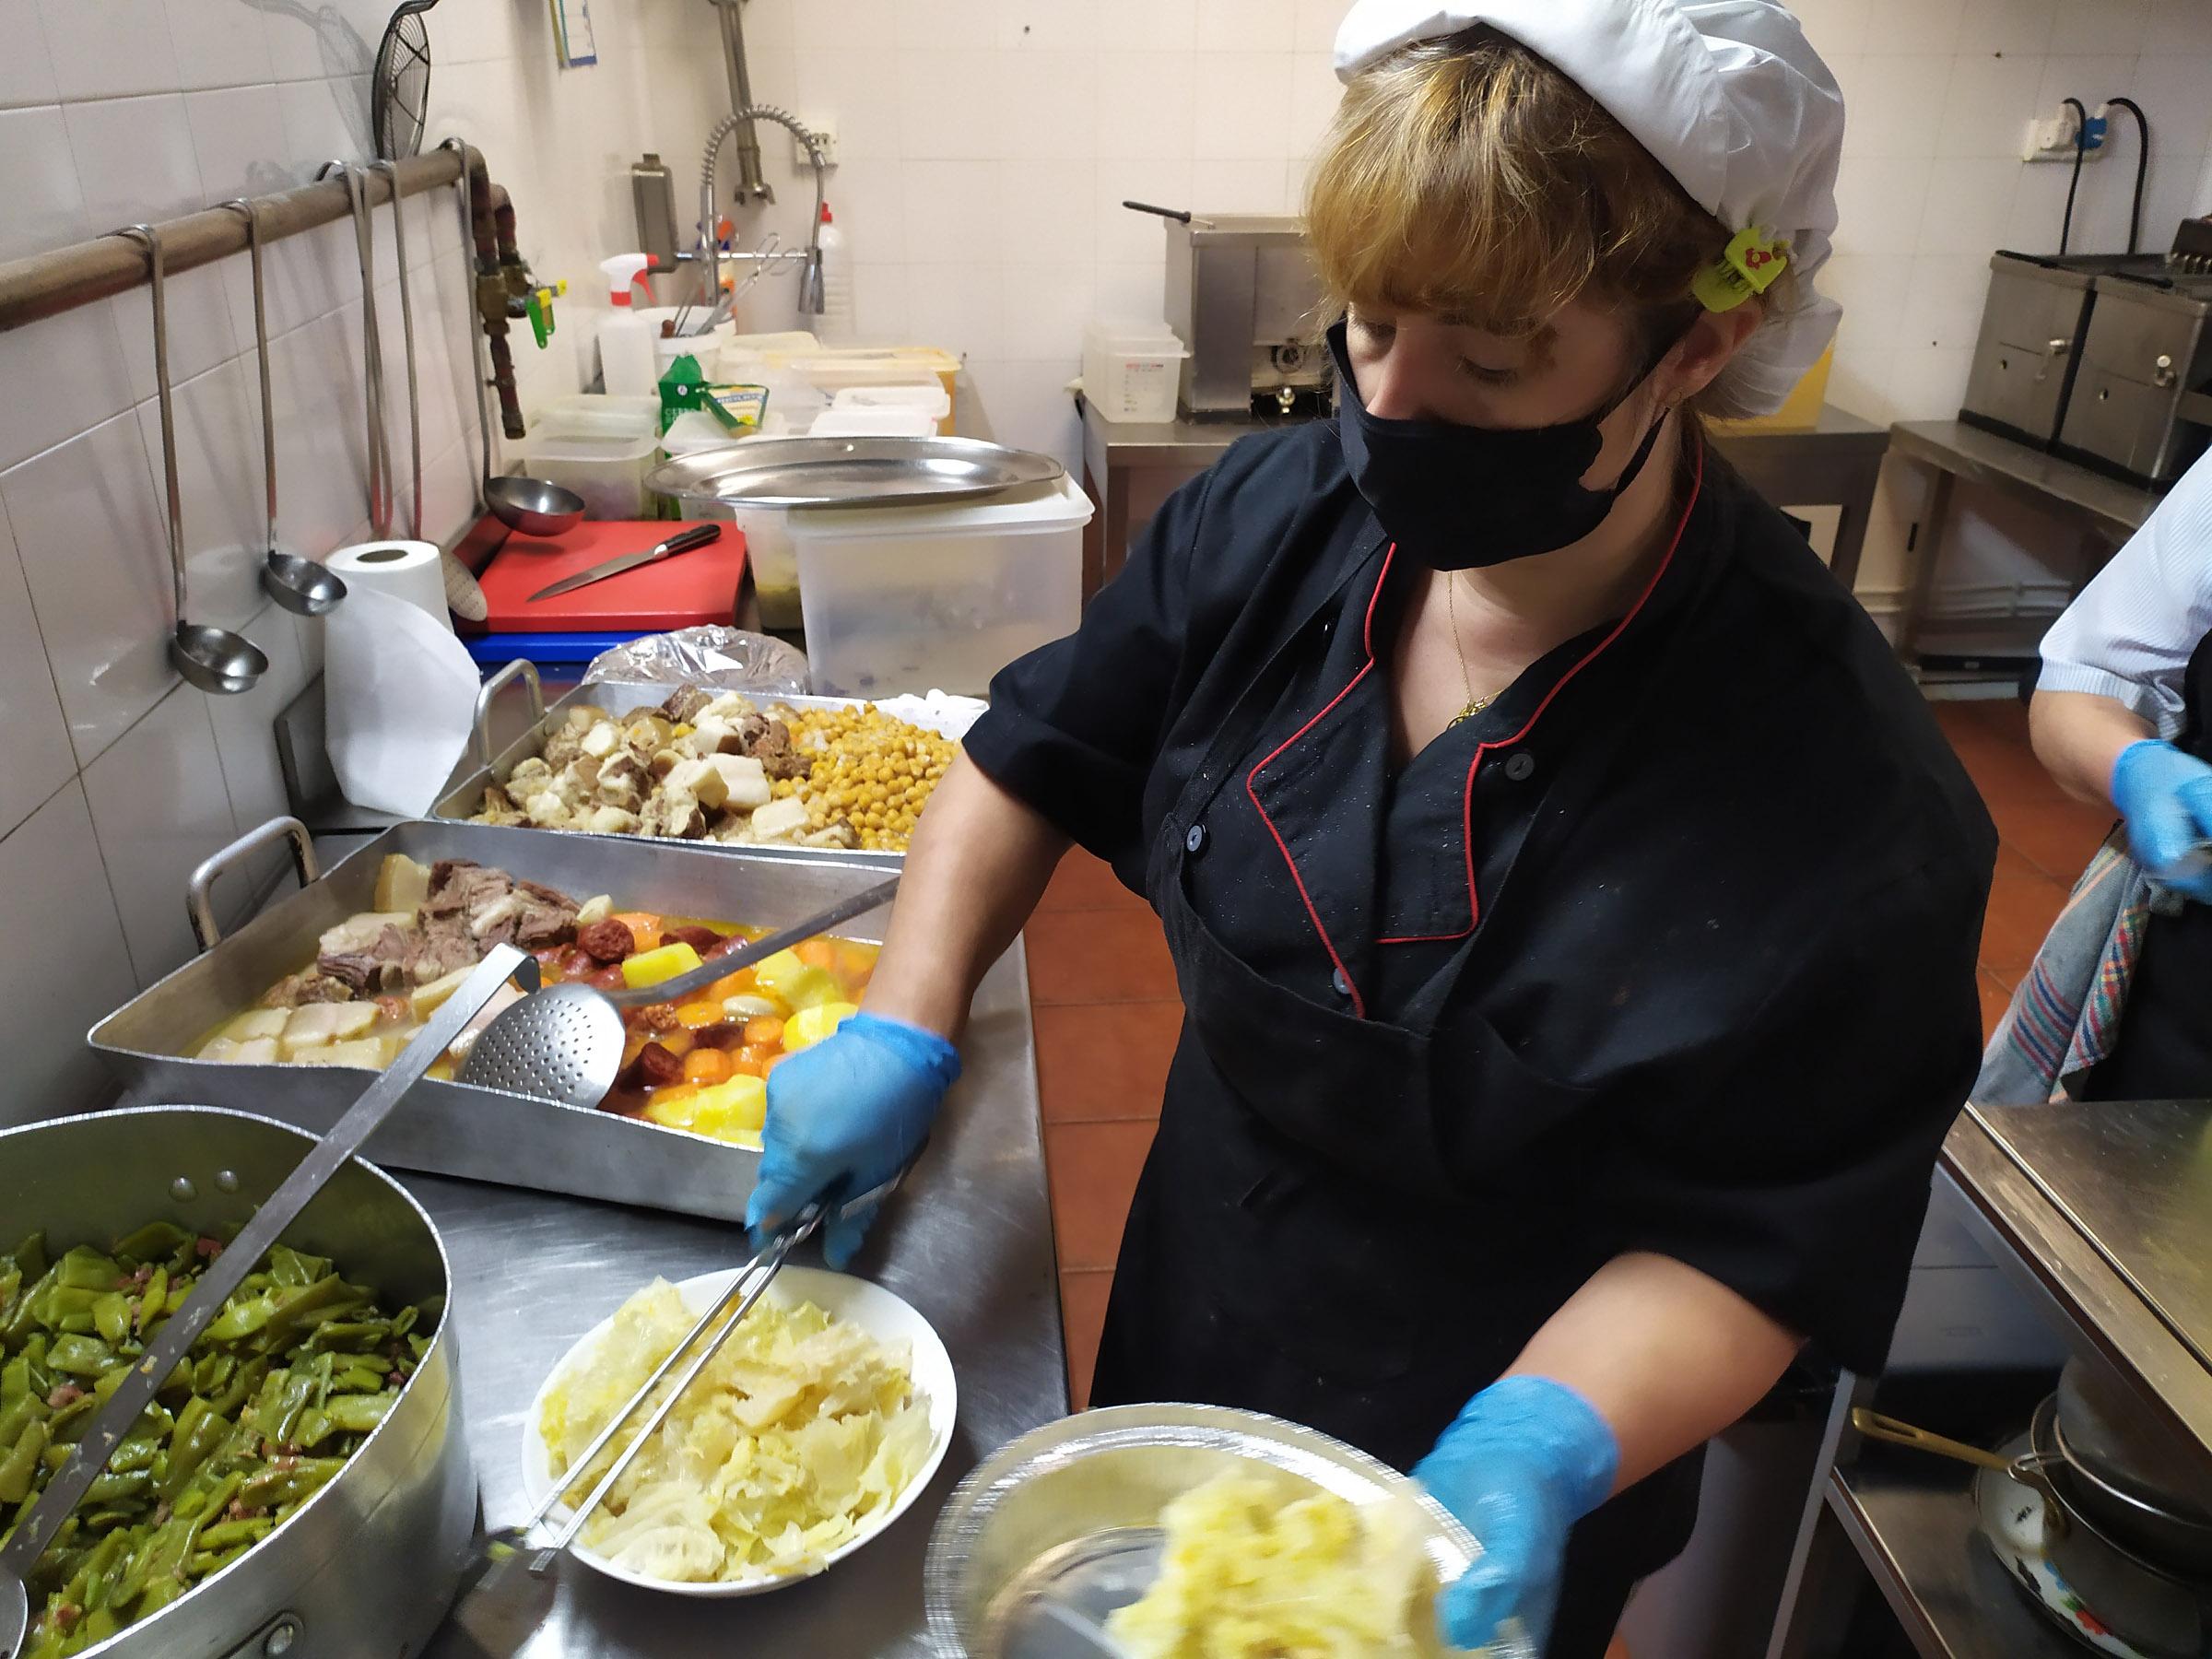 Marilia prepara los táperes de comida para su posterior reparto